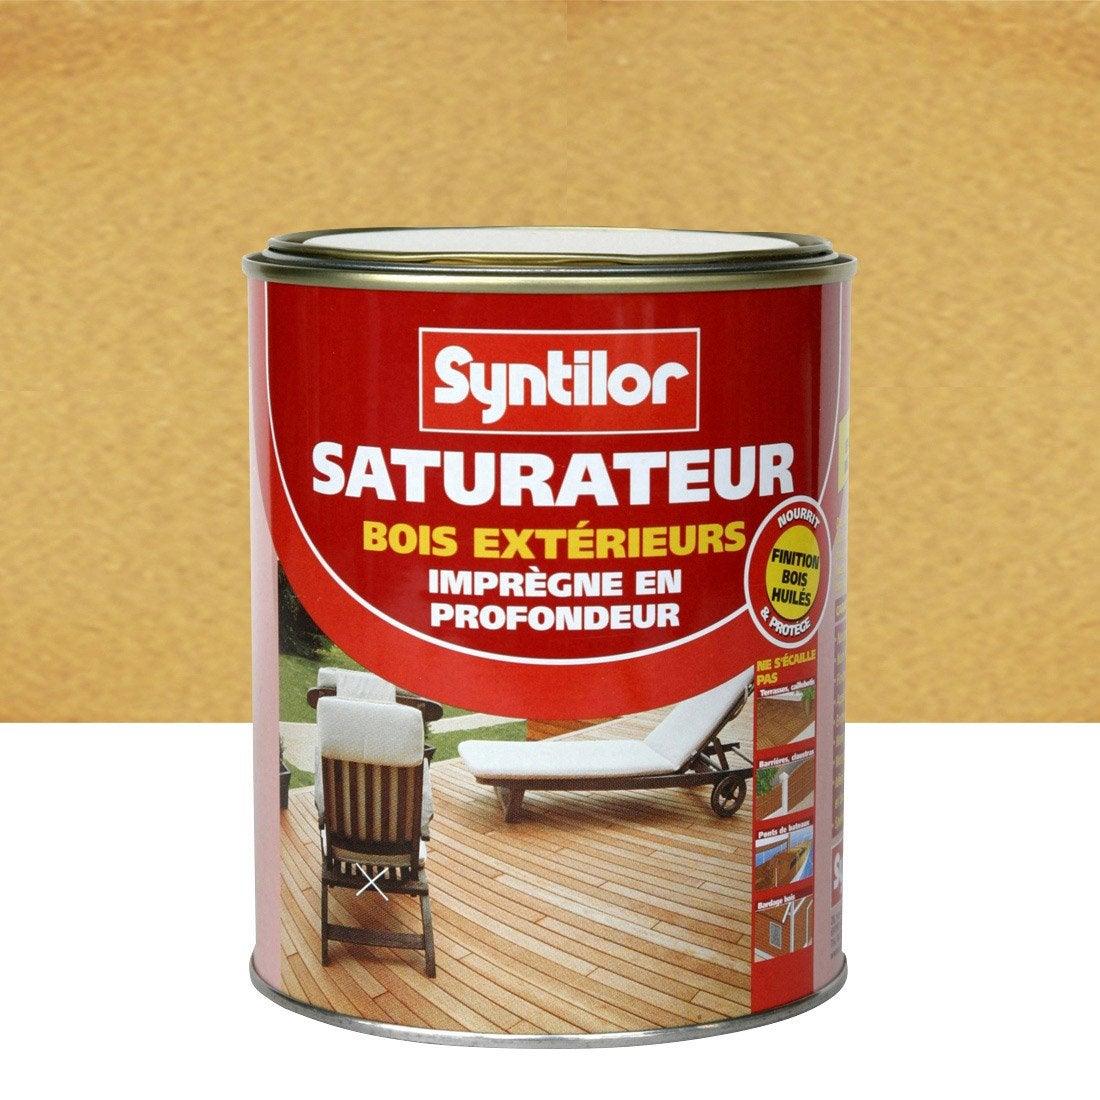 Saturateur bois syntilor incolore aspect mat 1 l leroy merlin - Saturateur bois exterieur ...